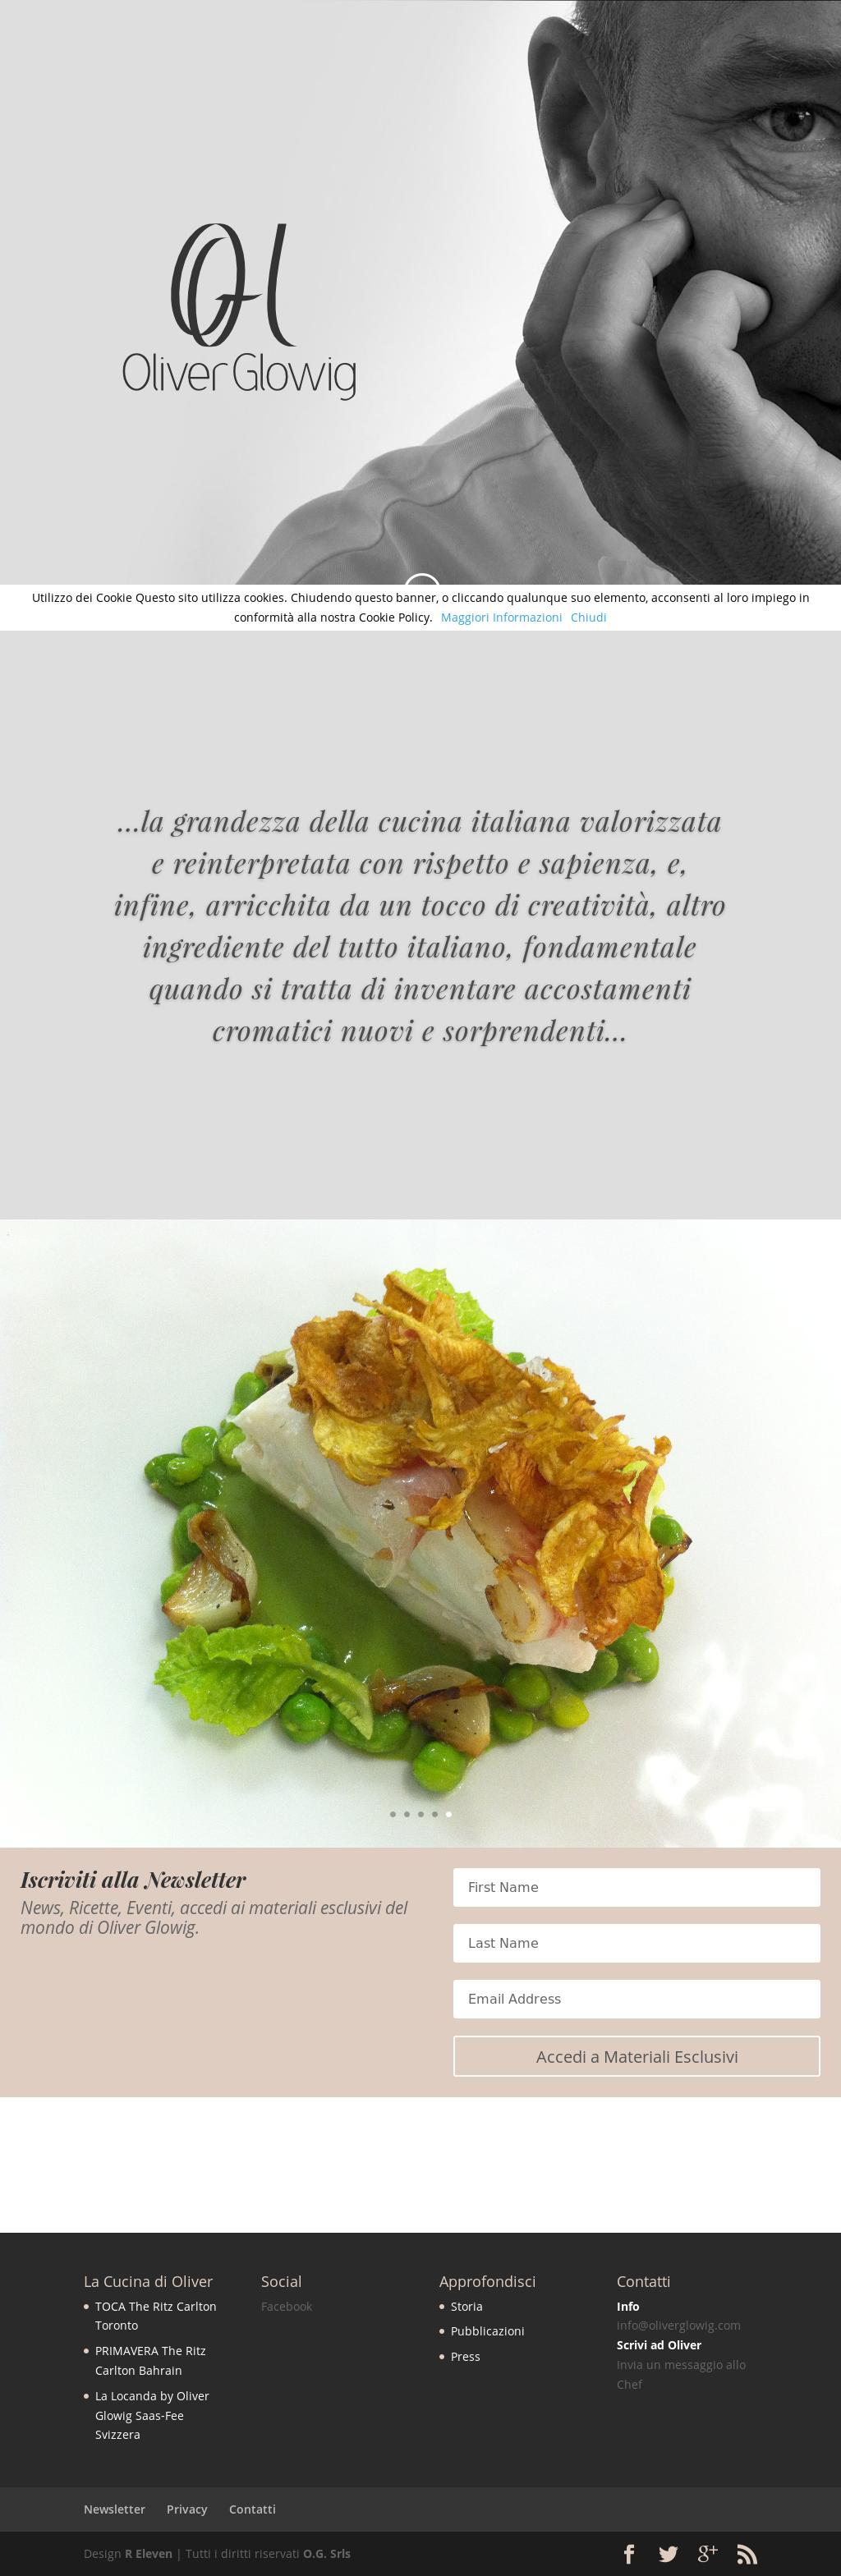 Accostamenti In Cucina ristorante oliver glowig competitors, revenue and employees